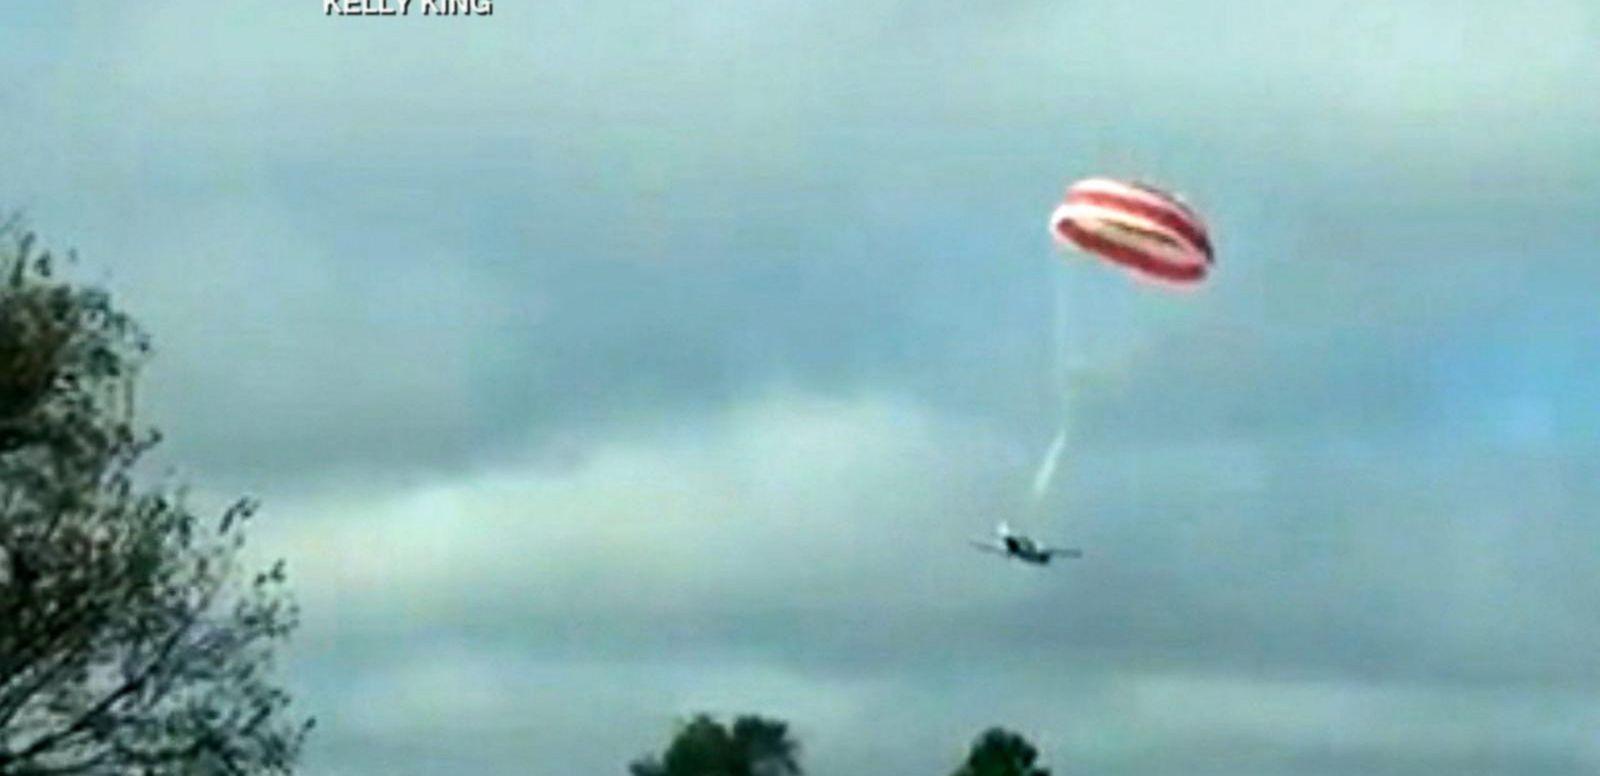 Sarahs Silks Parachute